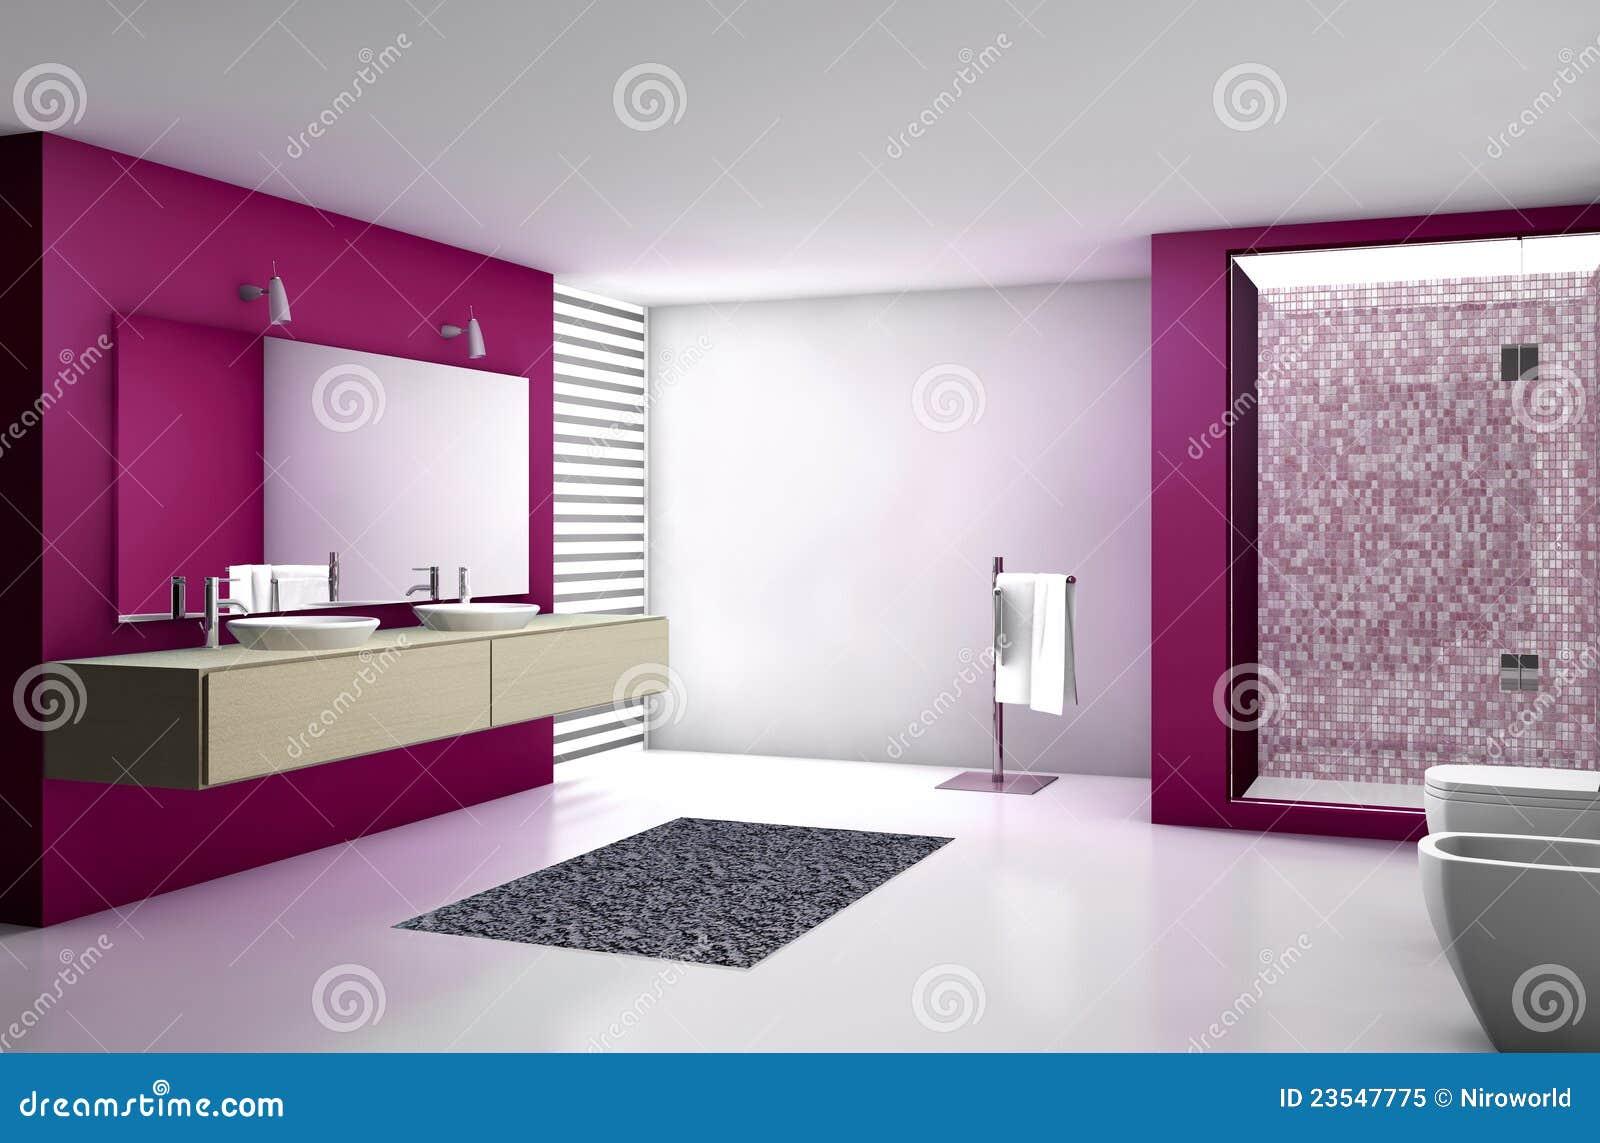 modernes badezimmer rot stockbild bild von hell lebensstil 23547775. Black Bedroom Furniture Sets. Home Design Ideas